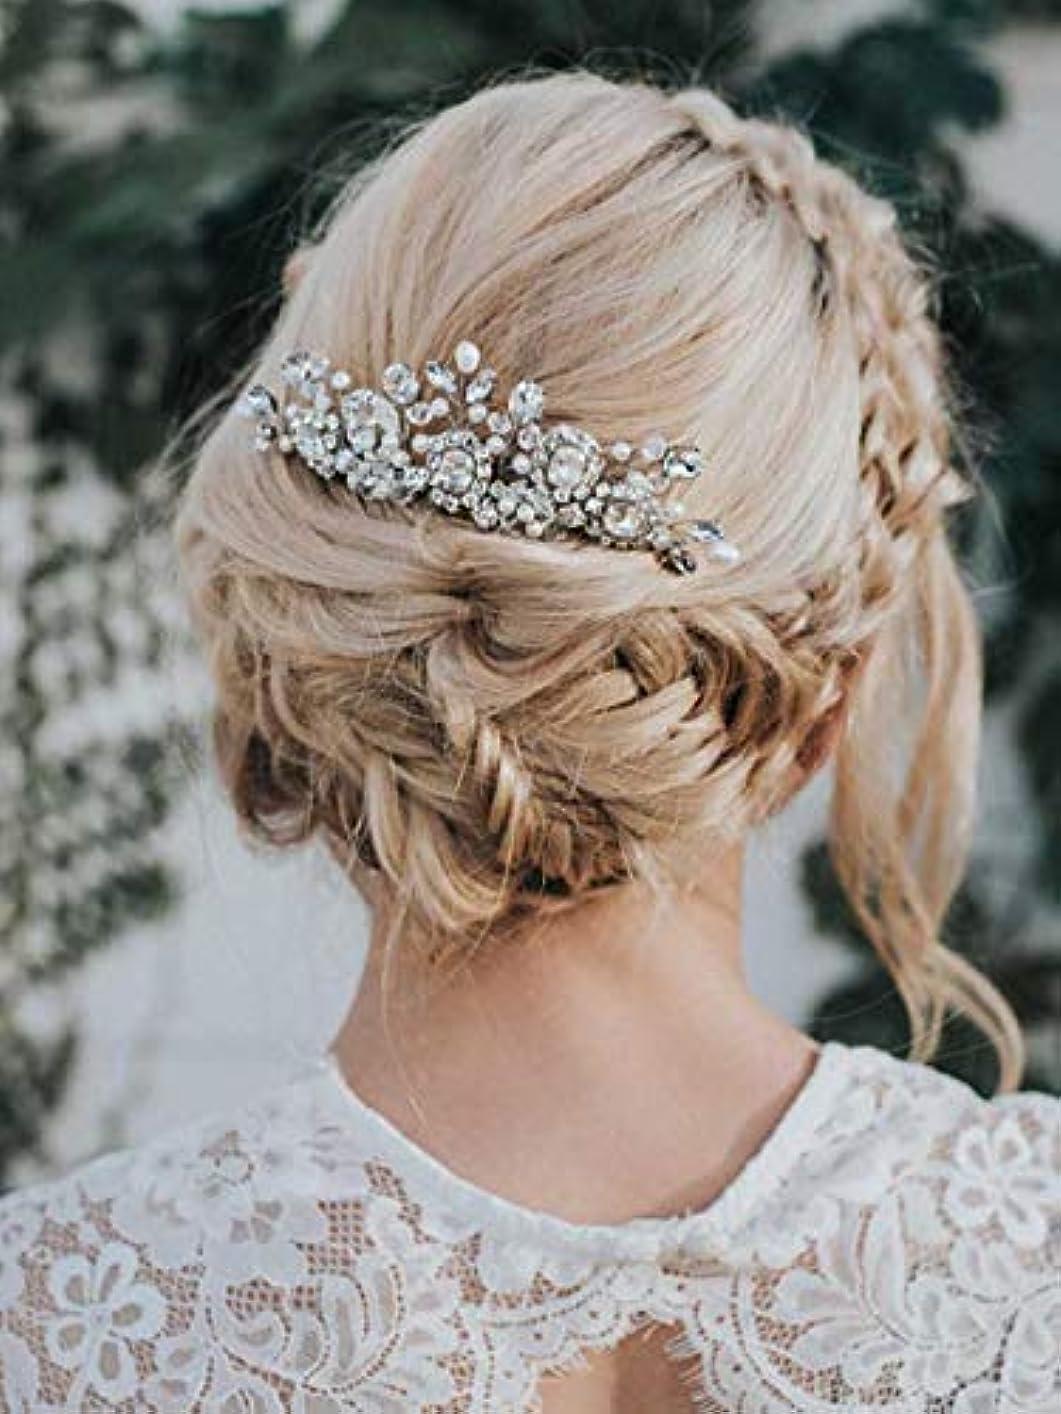 褐色申し立て国内のAukmla Bride Wedding Hair Combs Crystal Rhinestones Stunning Bridal Hair Accessories Decorative for Women and Girls (Silver) [並行輸入品]